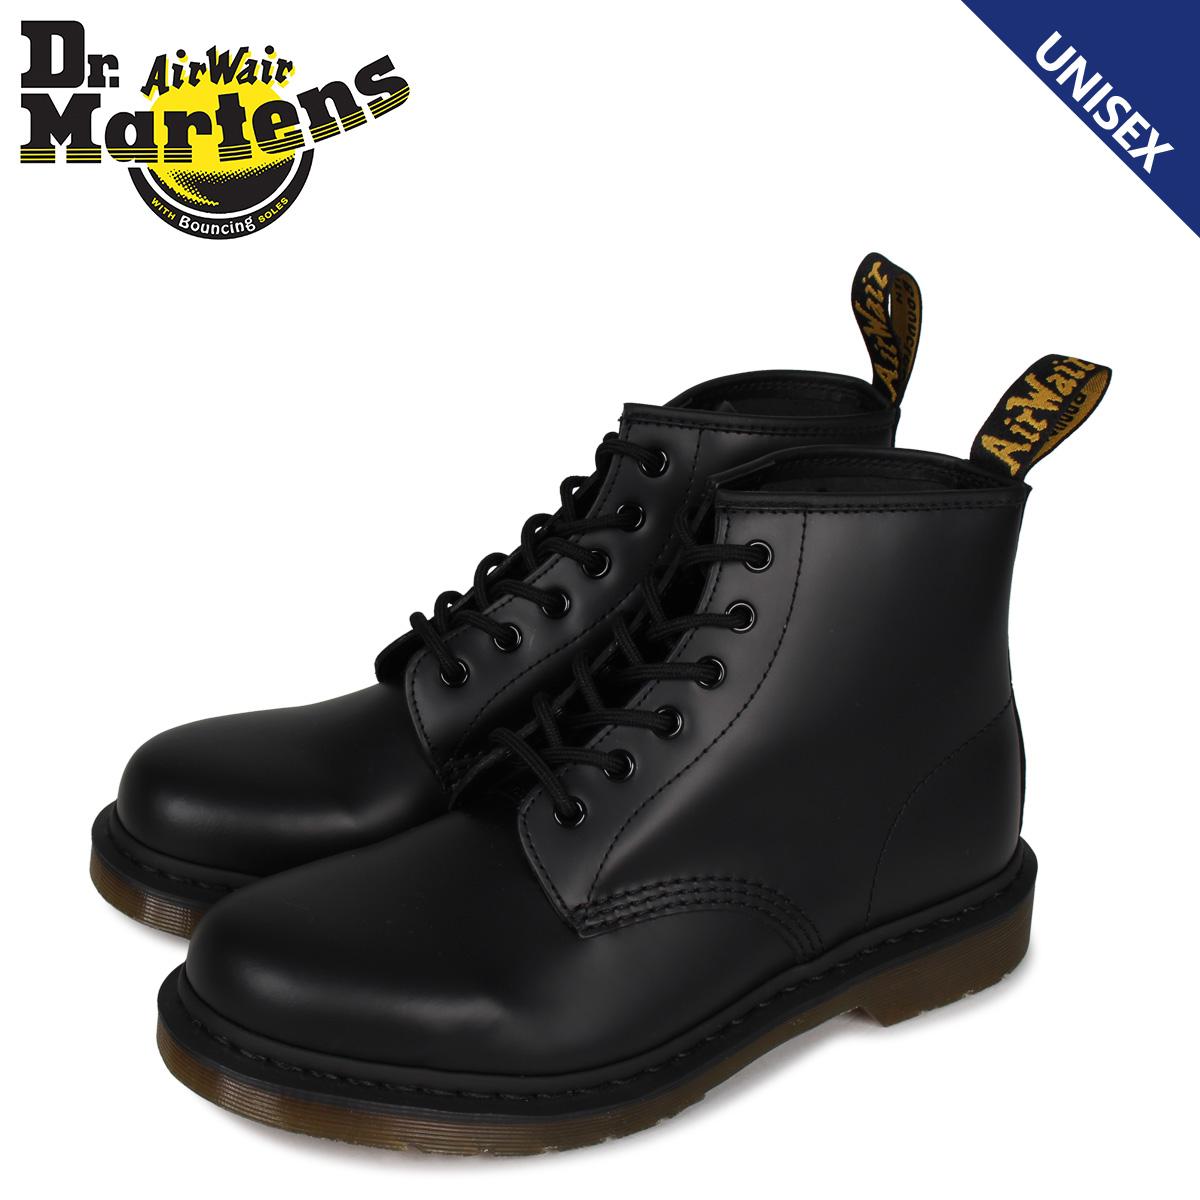 大決算セール 送料無料 あす楽対応 22.5cm-28cm ドクターマーチン 期間限定特別価格 Dr.Martens ブーツ 最大1000円OFF 101 メンズ ブラック 黒 R24255001 6ホール 6EYE レディース BOOTS